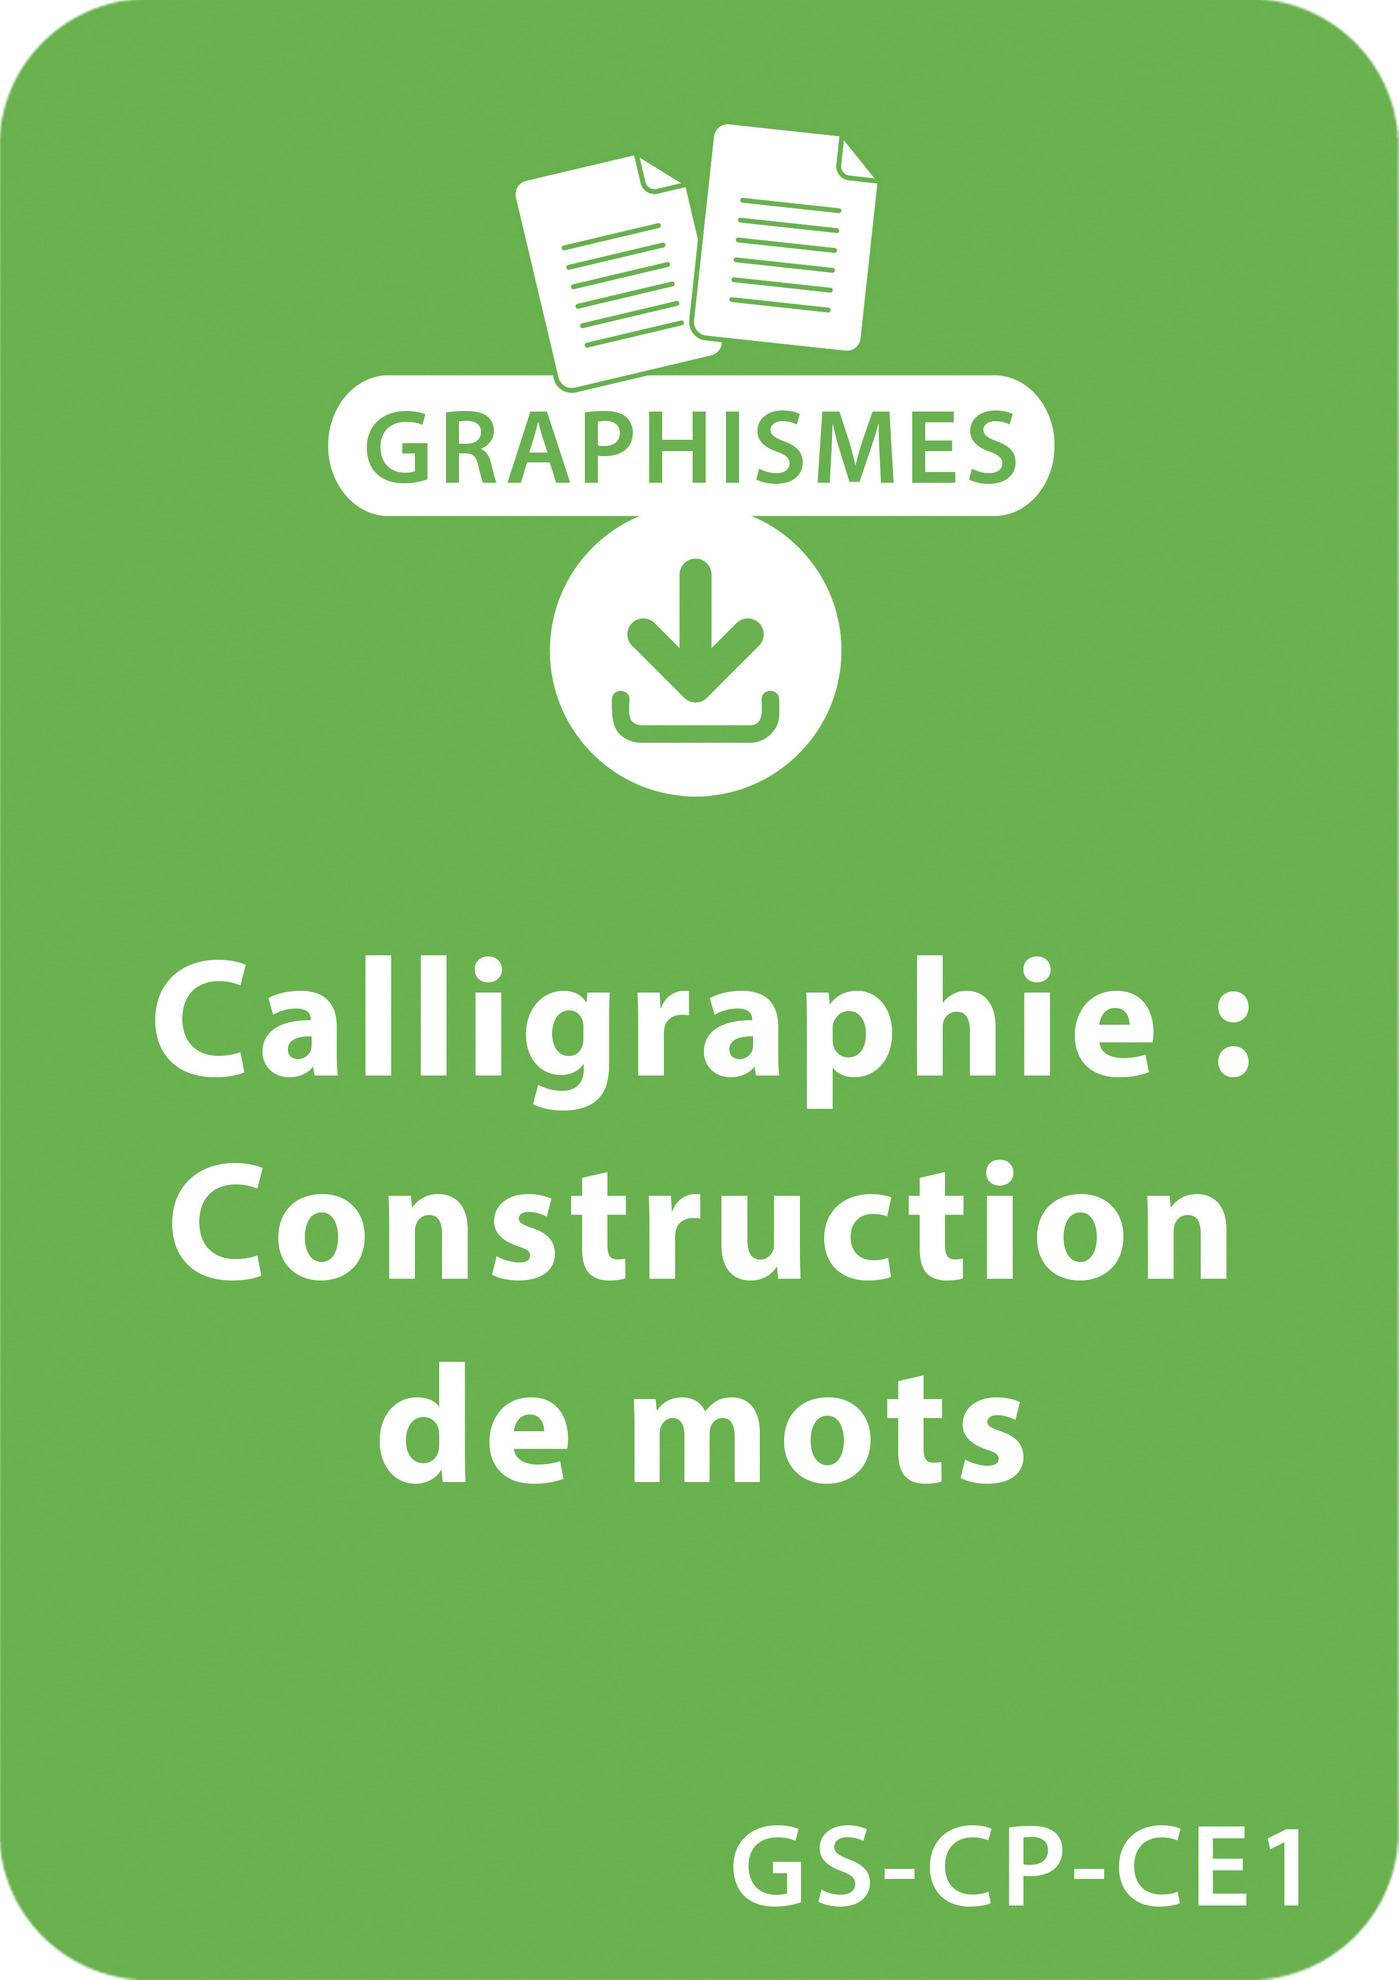 Graphismes et calligraphie GS/CP/CE1 - Construction de mots